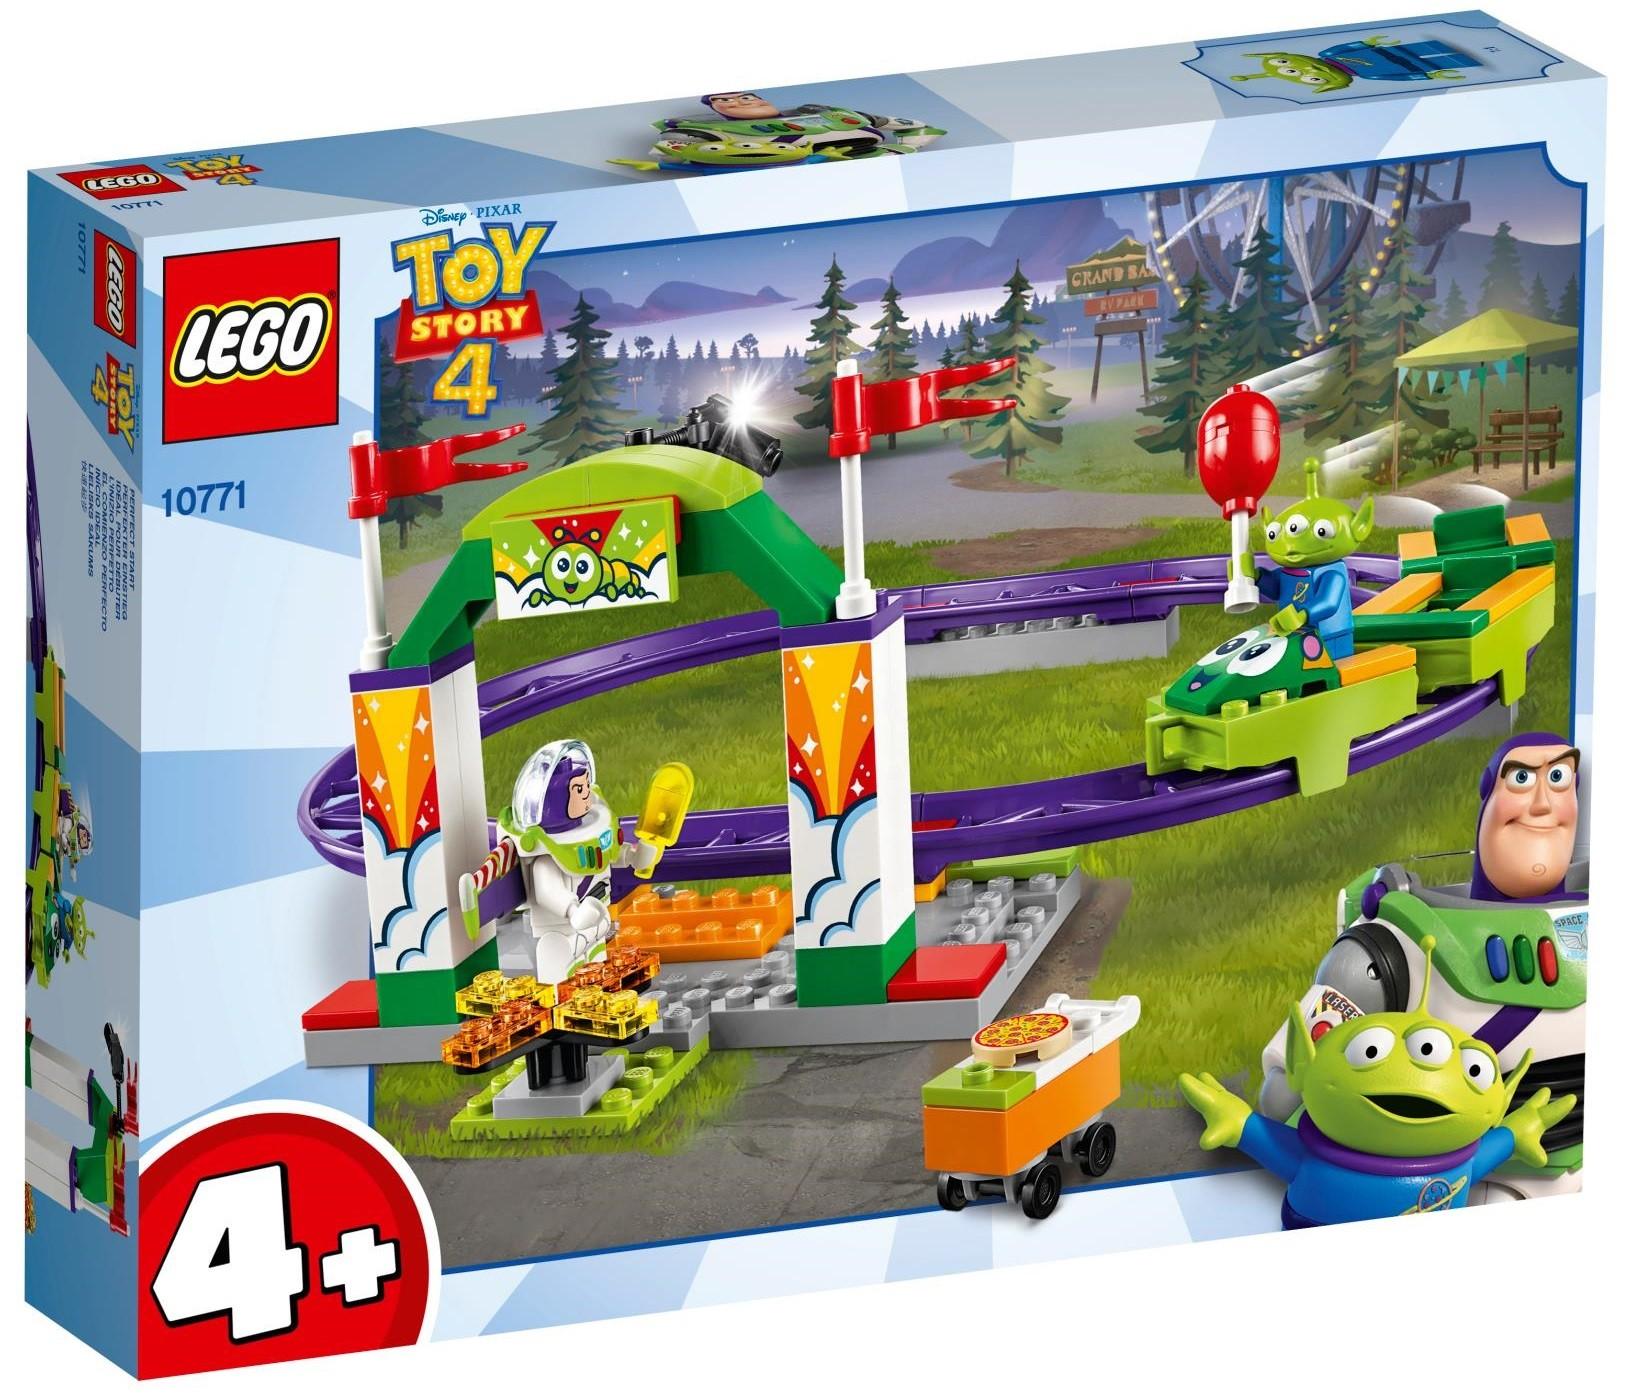 Lego Toy Story 4 10771 Karnawałowa Kolejka Super Oferty Na Klocki Lego